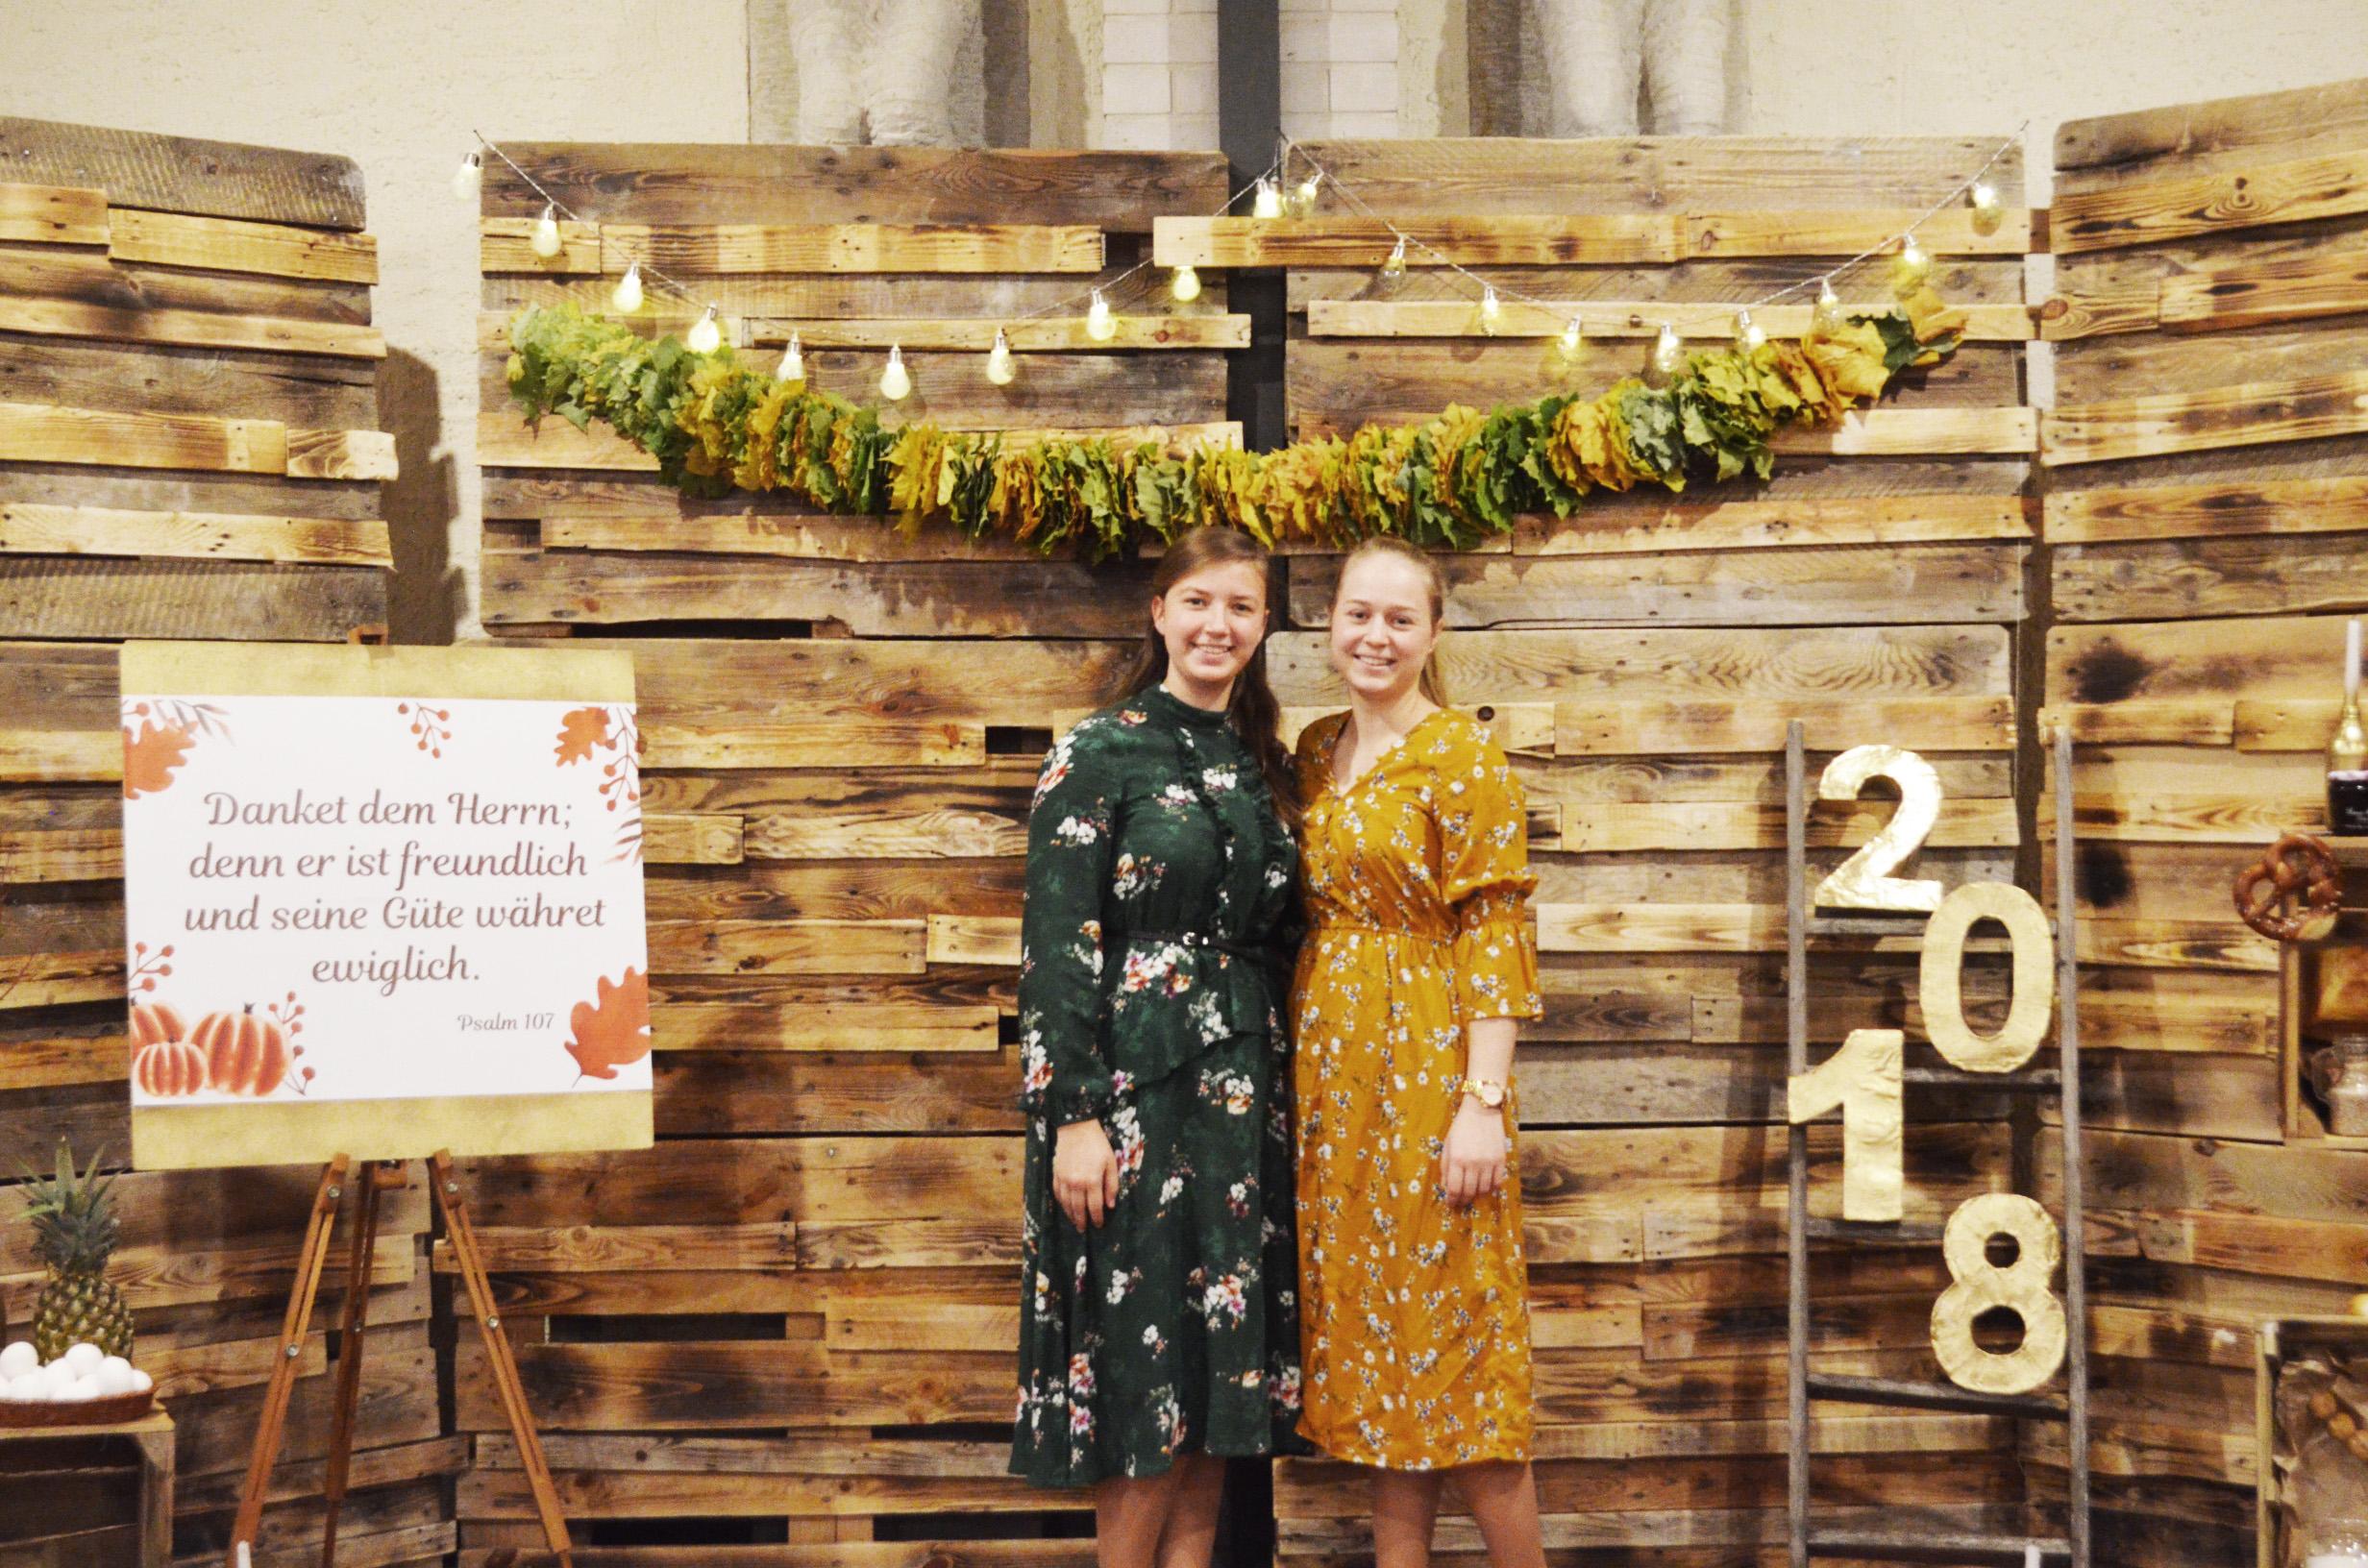 Erntedankfest 2018 - FREIE EVANGELIUMS CHRISTENGEMEINDE E.V.